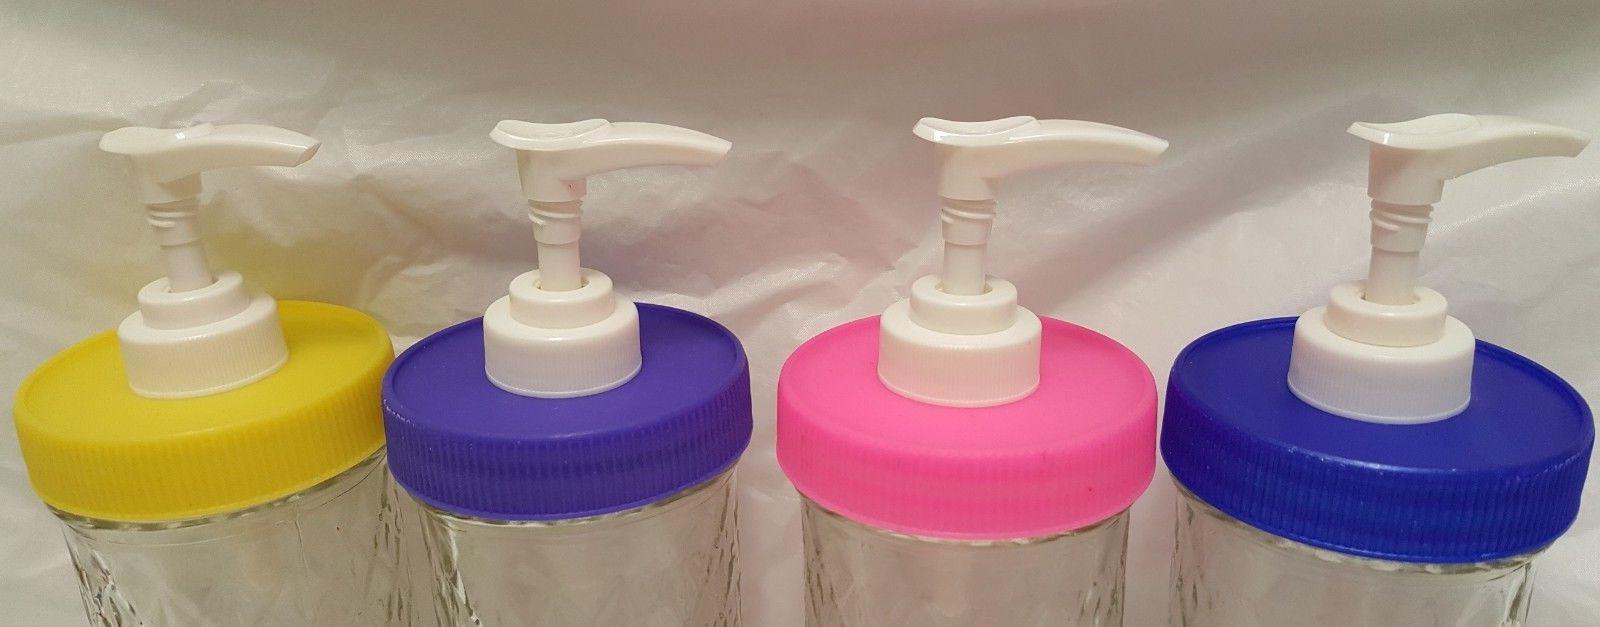 Mason Jar Soap/Lotion/Condiment Dispenser Lid/Pump Guarantee